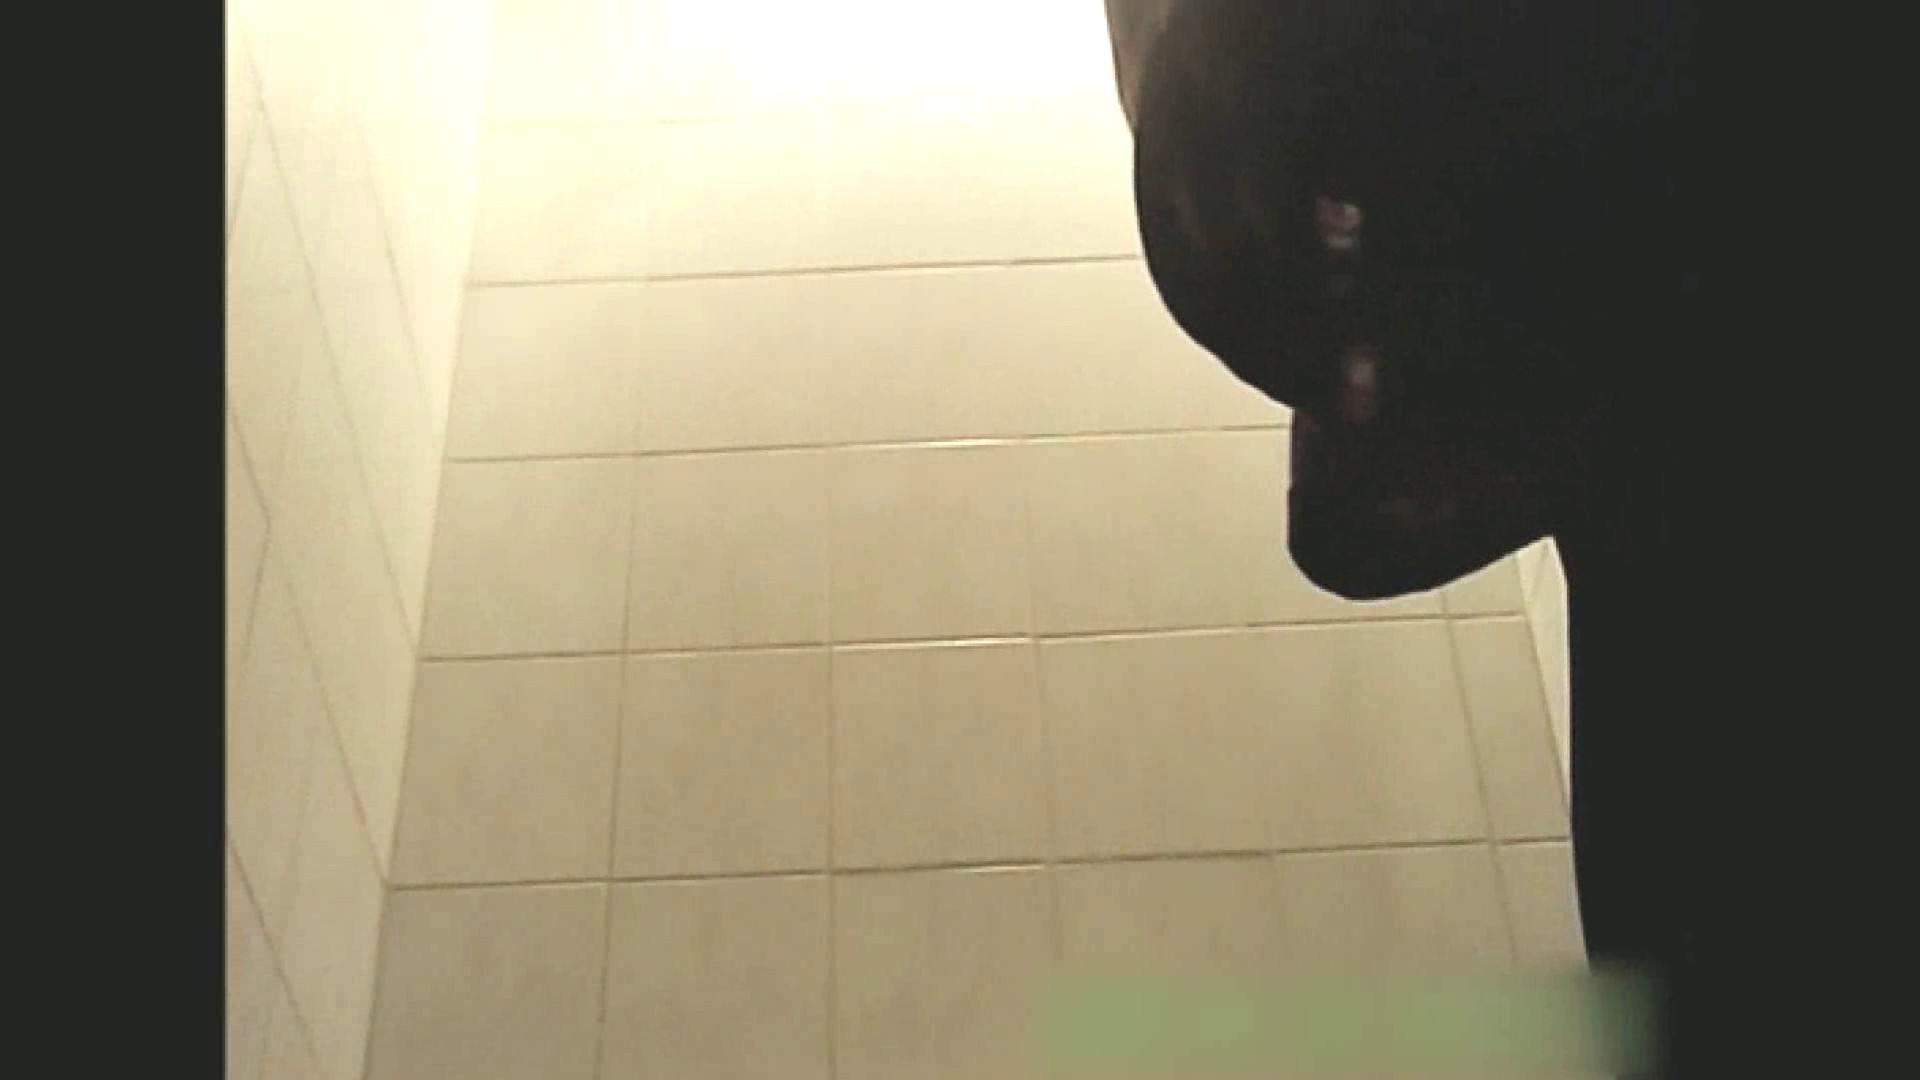 実録!!綺麗なお姉さんのトイレ事情・・・。vol.13 トイレ  62pic 48